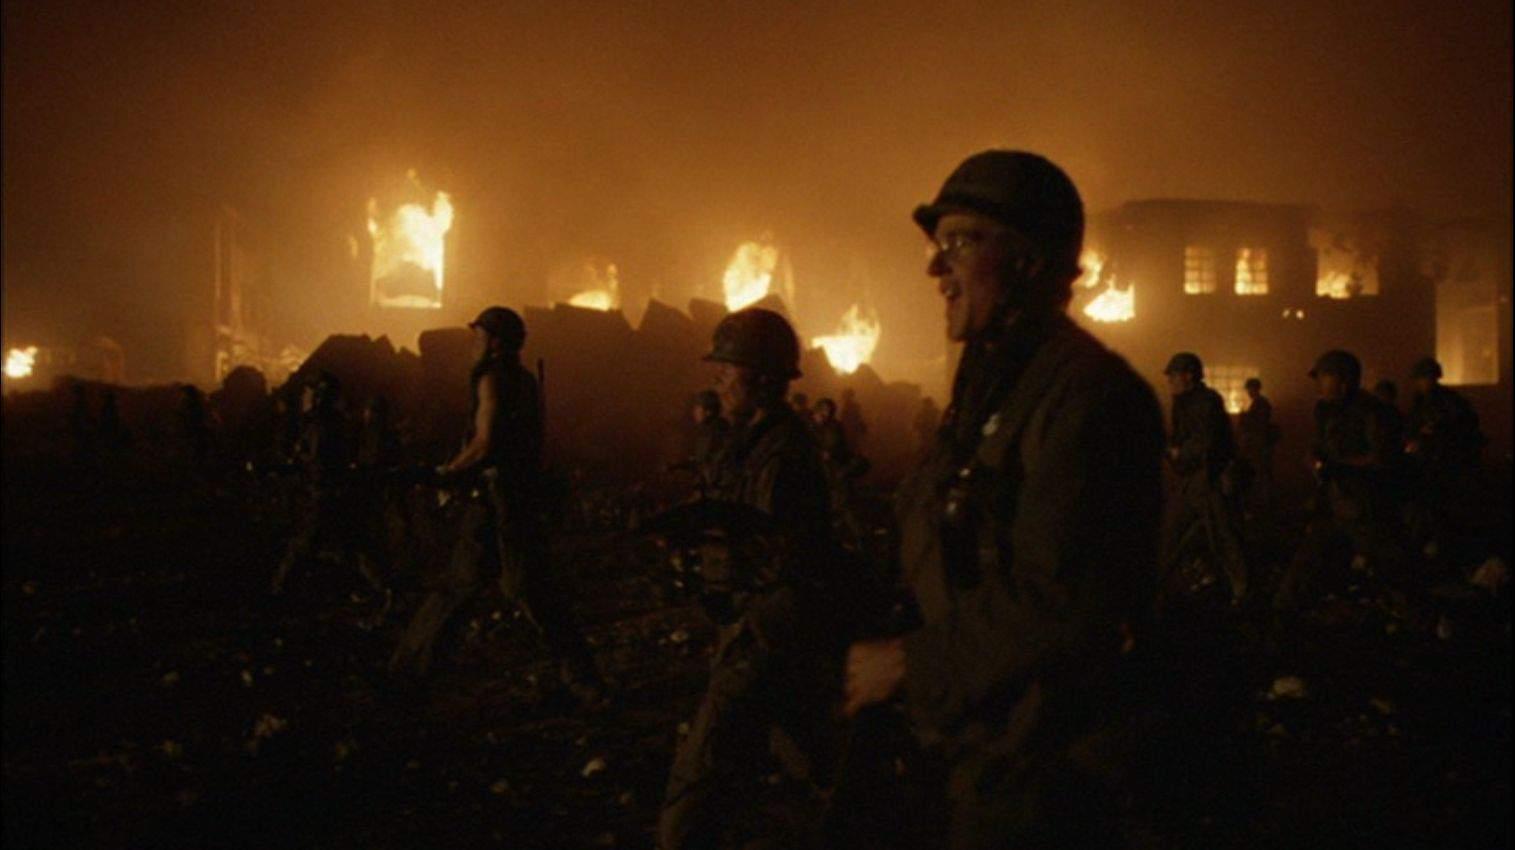 film di Kubrick con la miglior fotografia